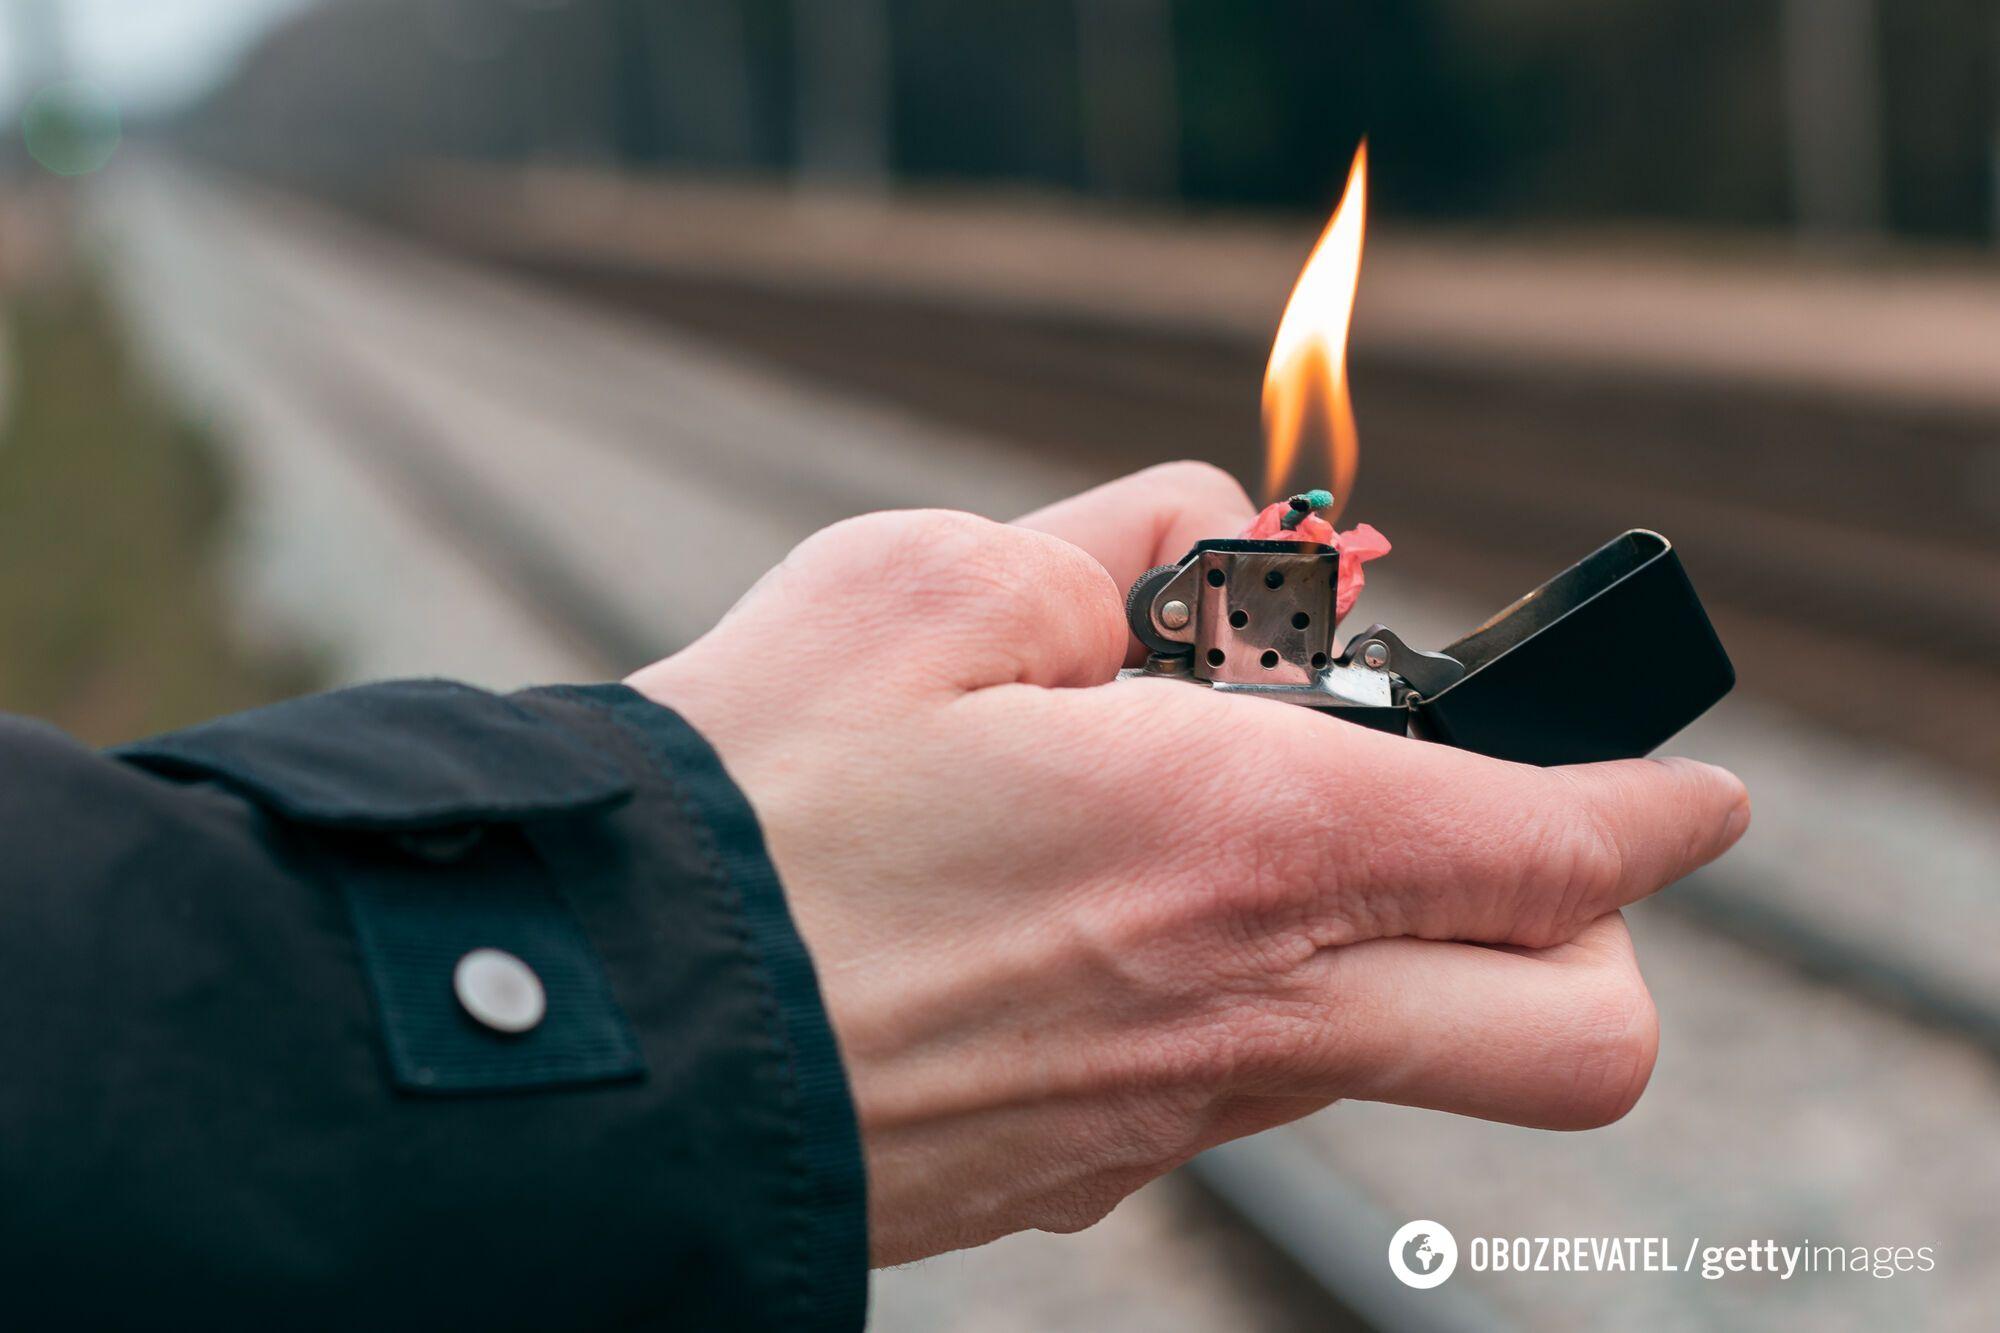 Теперь подростки вдыхают газ для зажигалок ради лайков в соцсетях